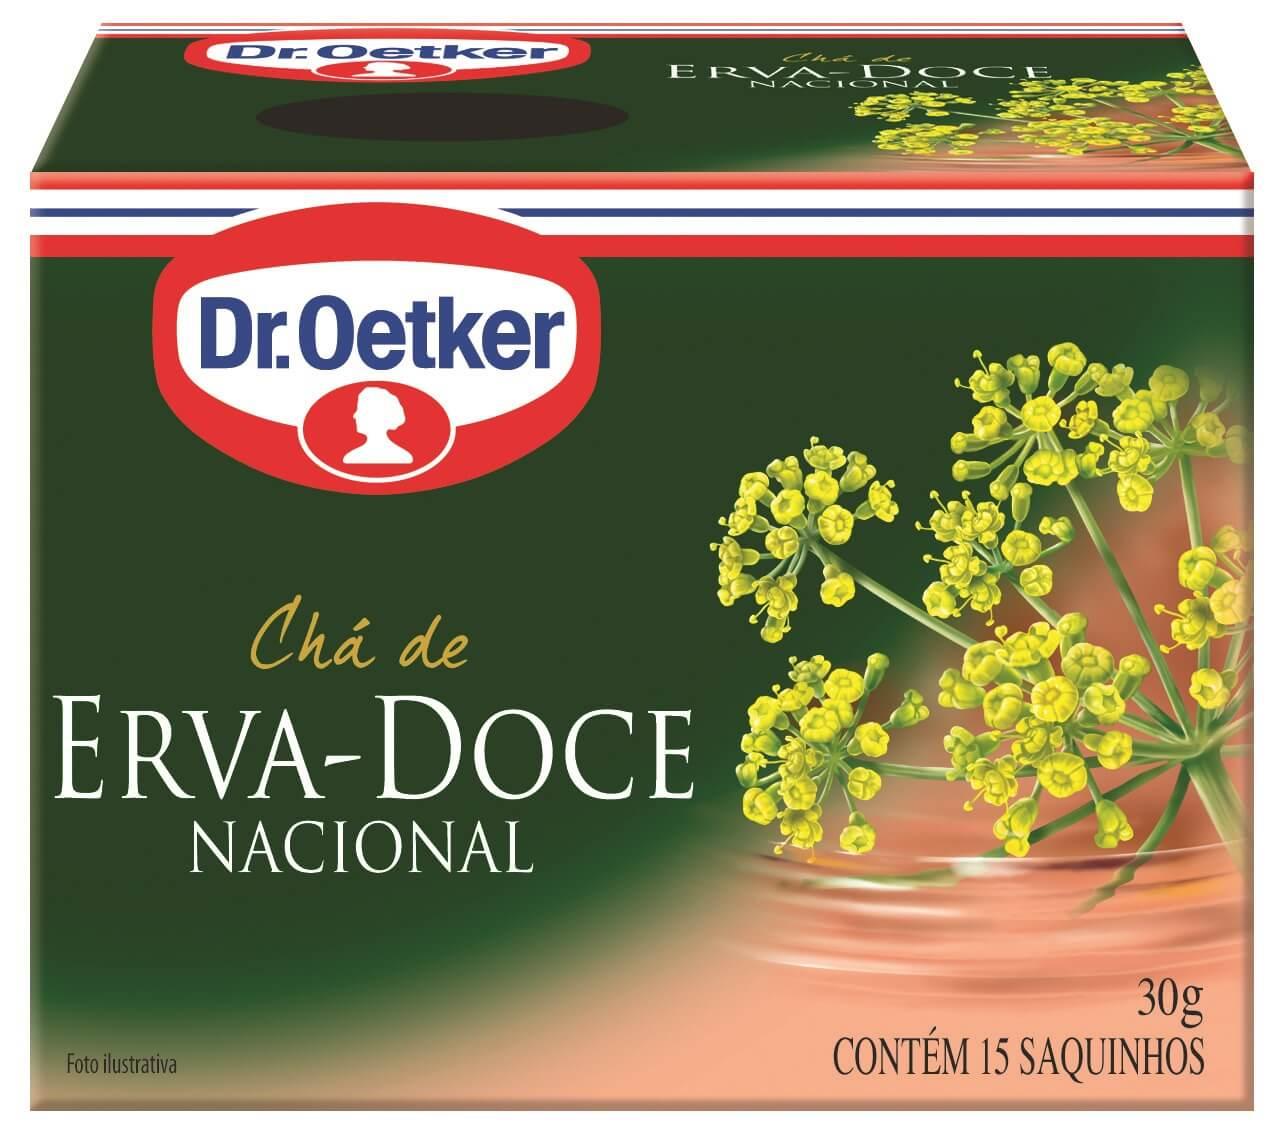 CHÁ DE ERVA DOCE - DR. OETKER